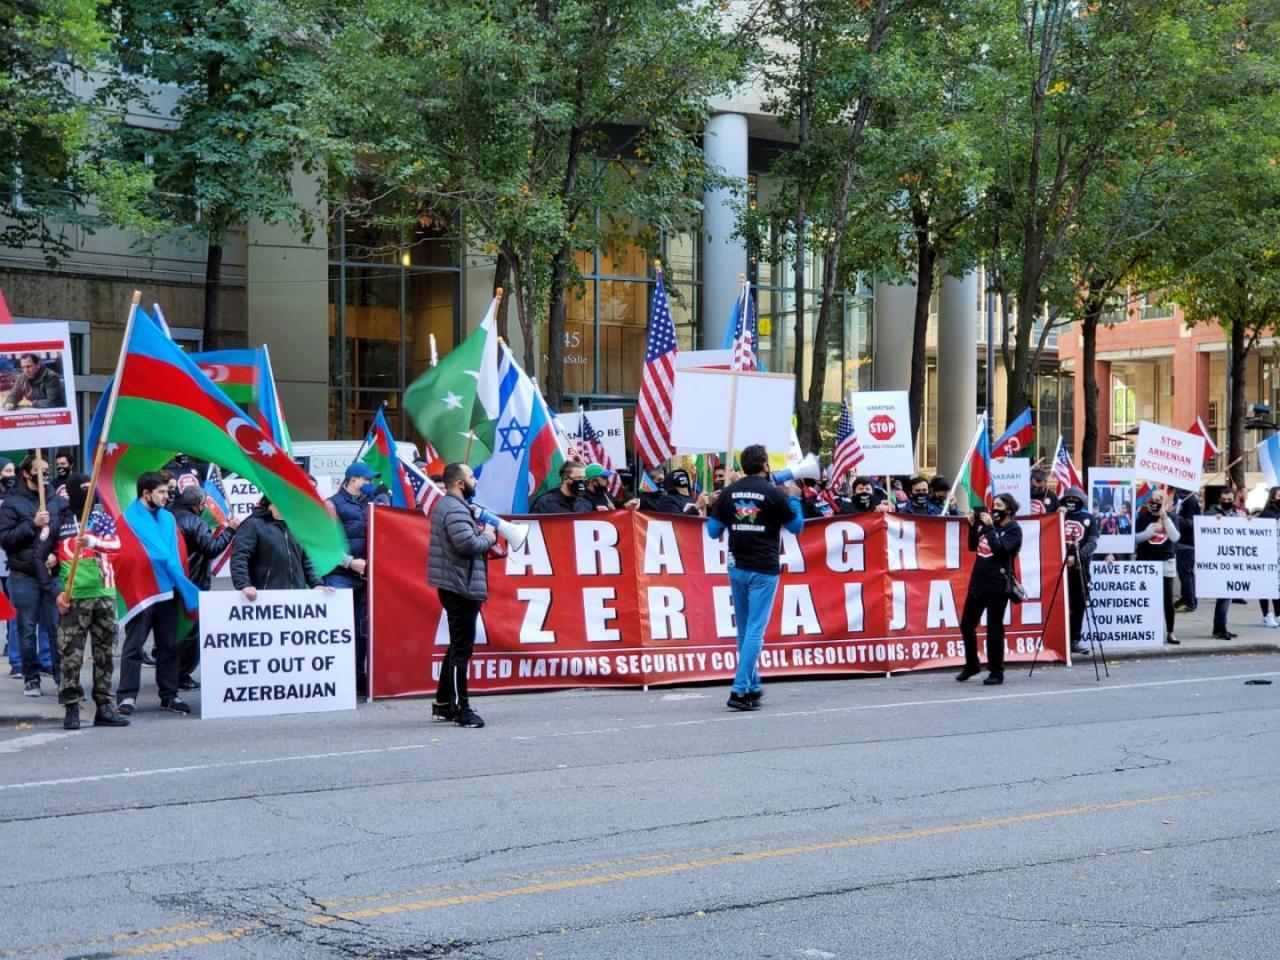 В Чикаго прошла акция протеста из-за армянского обстрела Гянджи